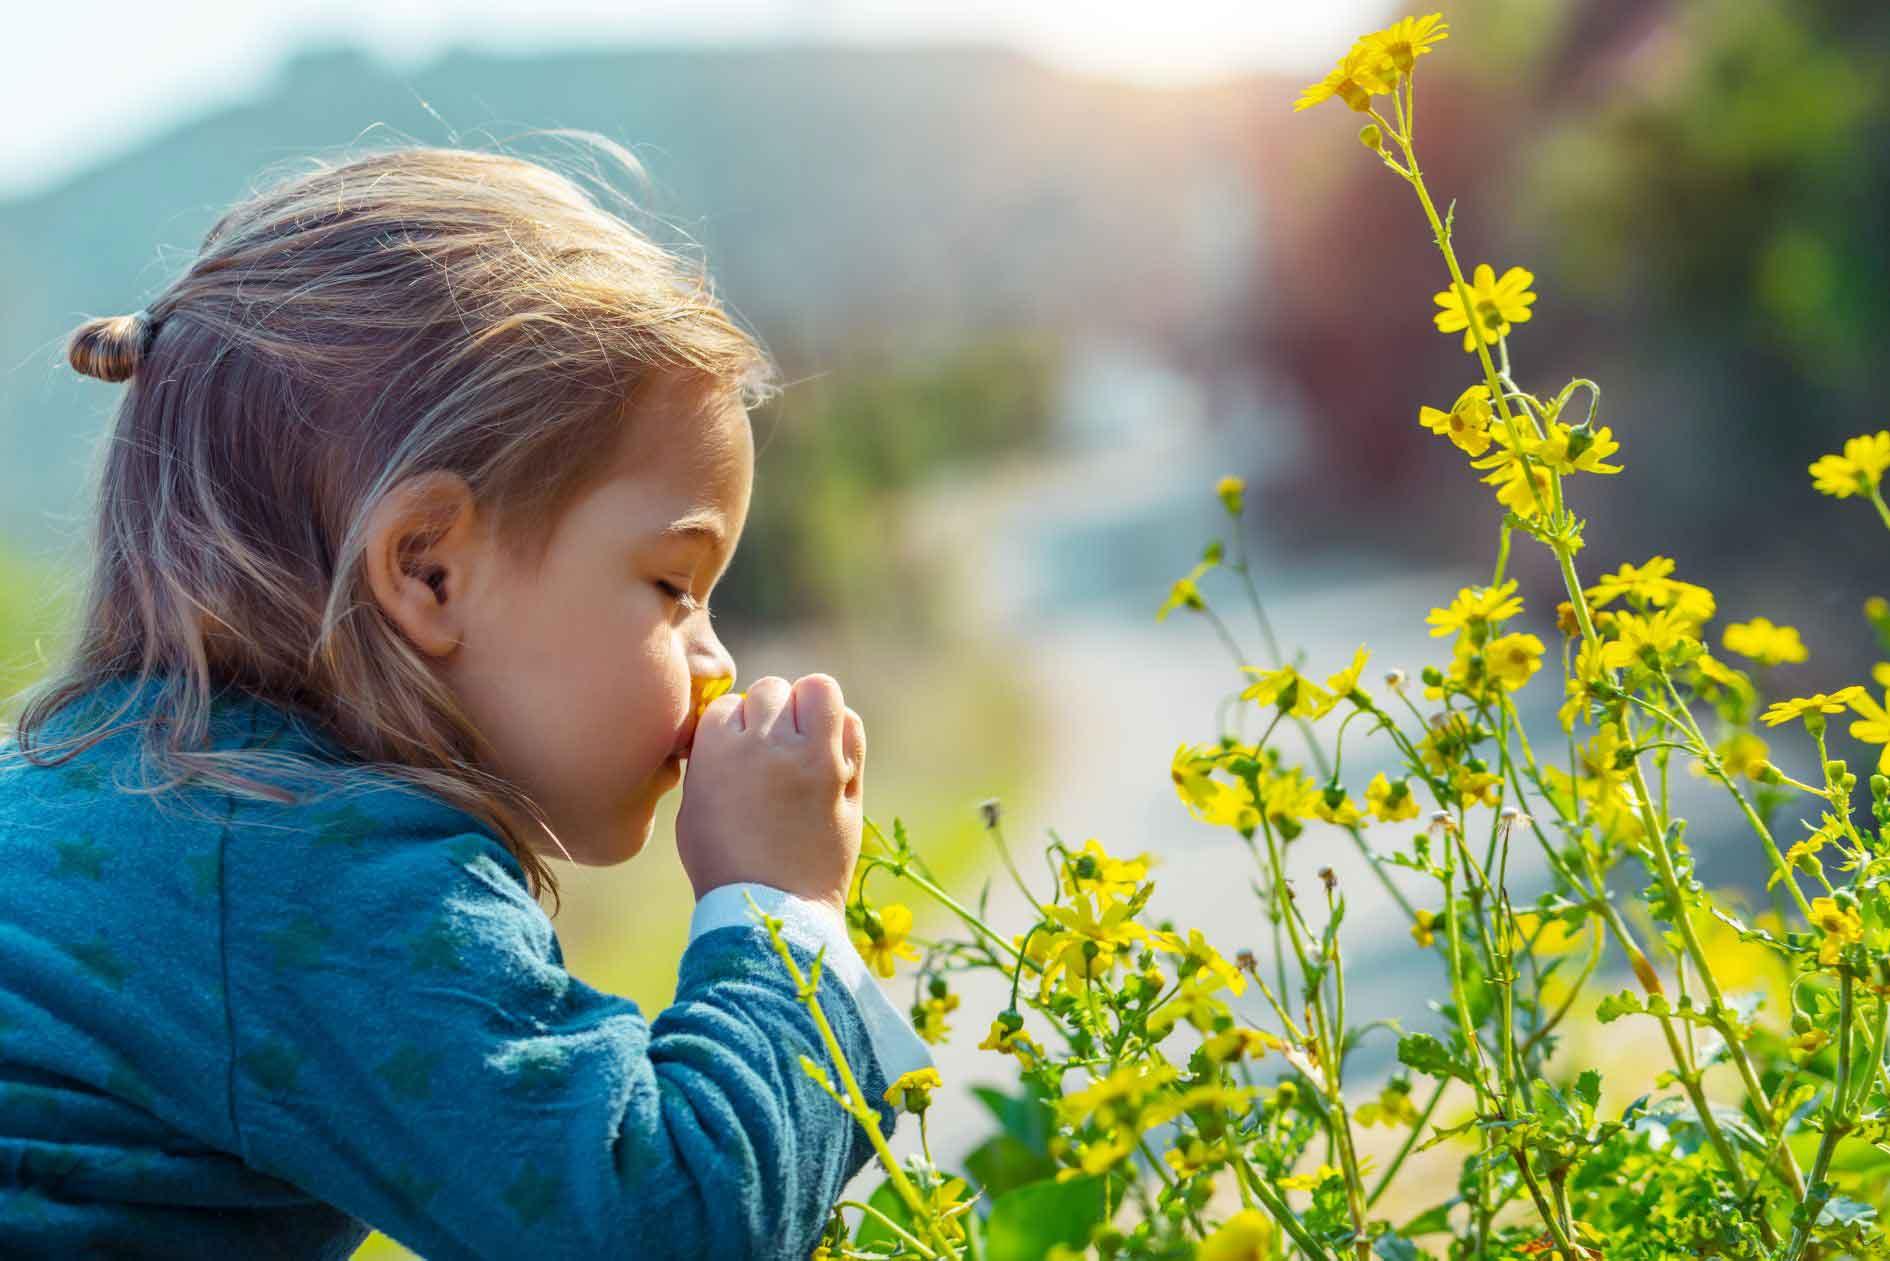 Mostra una ragazza che odora un fiore giallo. Immagine simbolica per i prodotti ecologici nel campo della lubrificazione minima di UNILUBE.